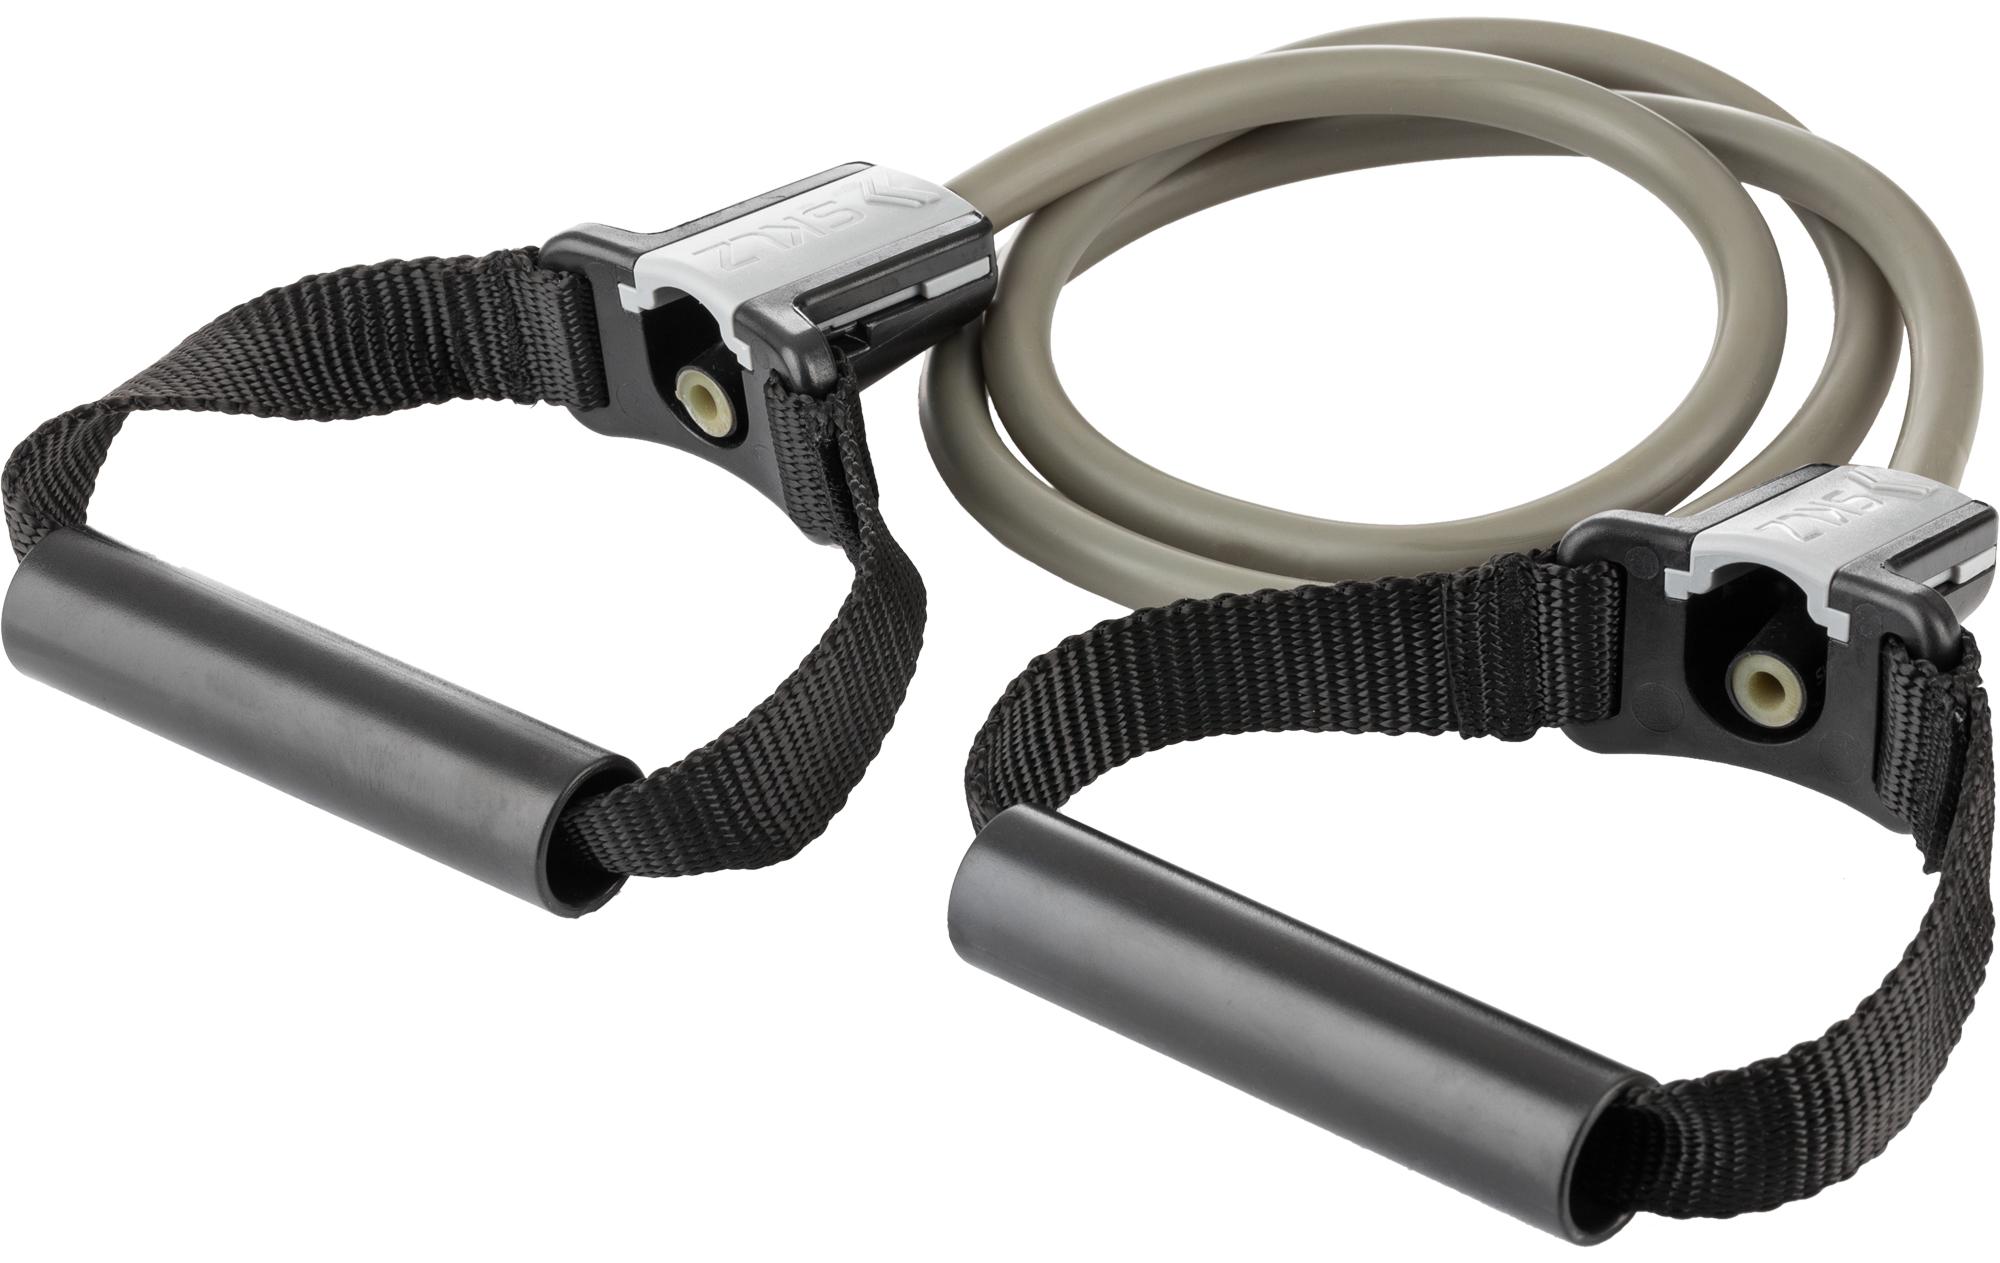 SKLZ Набор для тренировок с силовыми тросами (тяжелое сопротивление) SKLZ